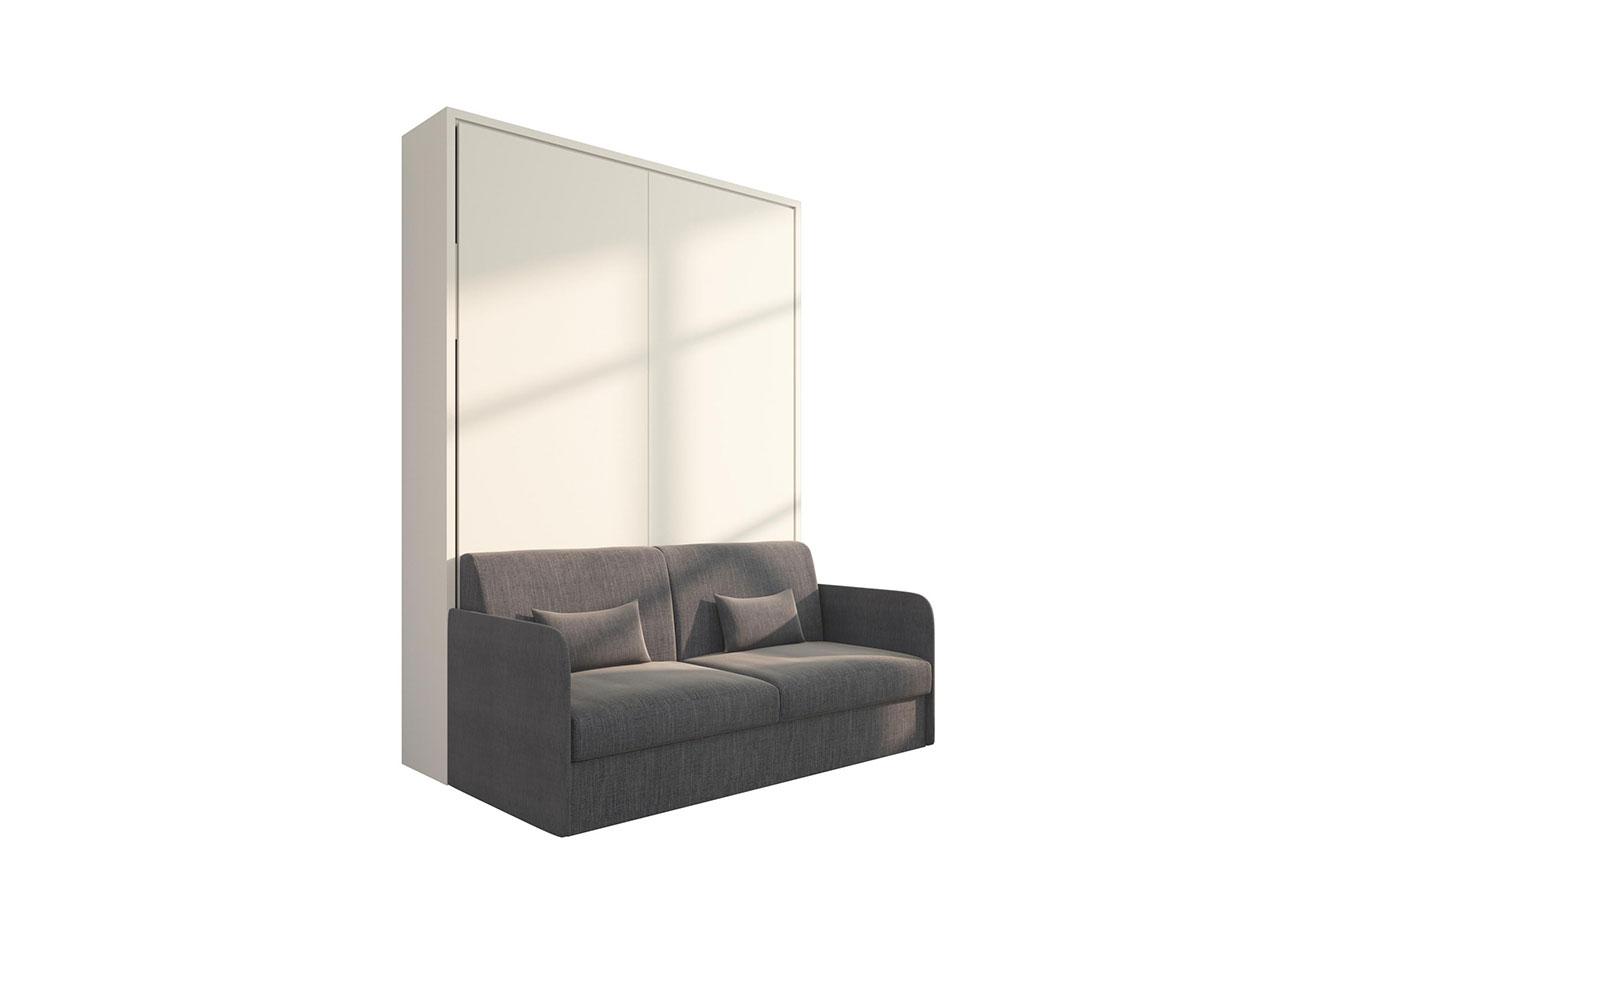 Piuma Sofa 140 Slim - Letto a scomparsa 2 piazze con divano contenitore  salvaspazio